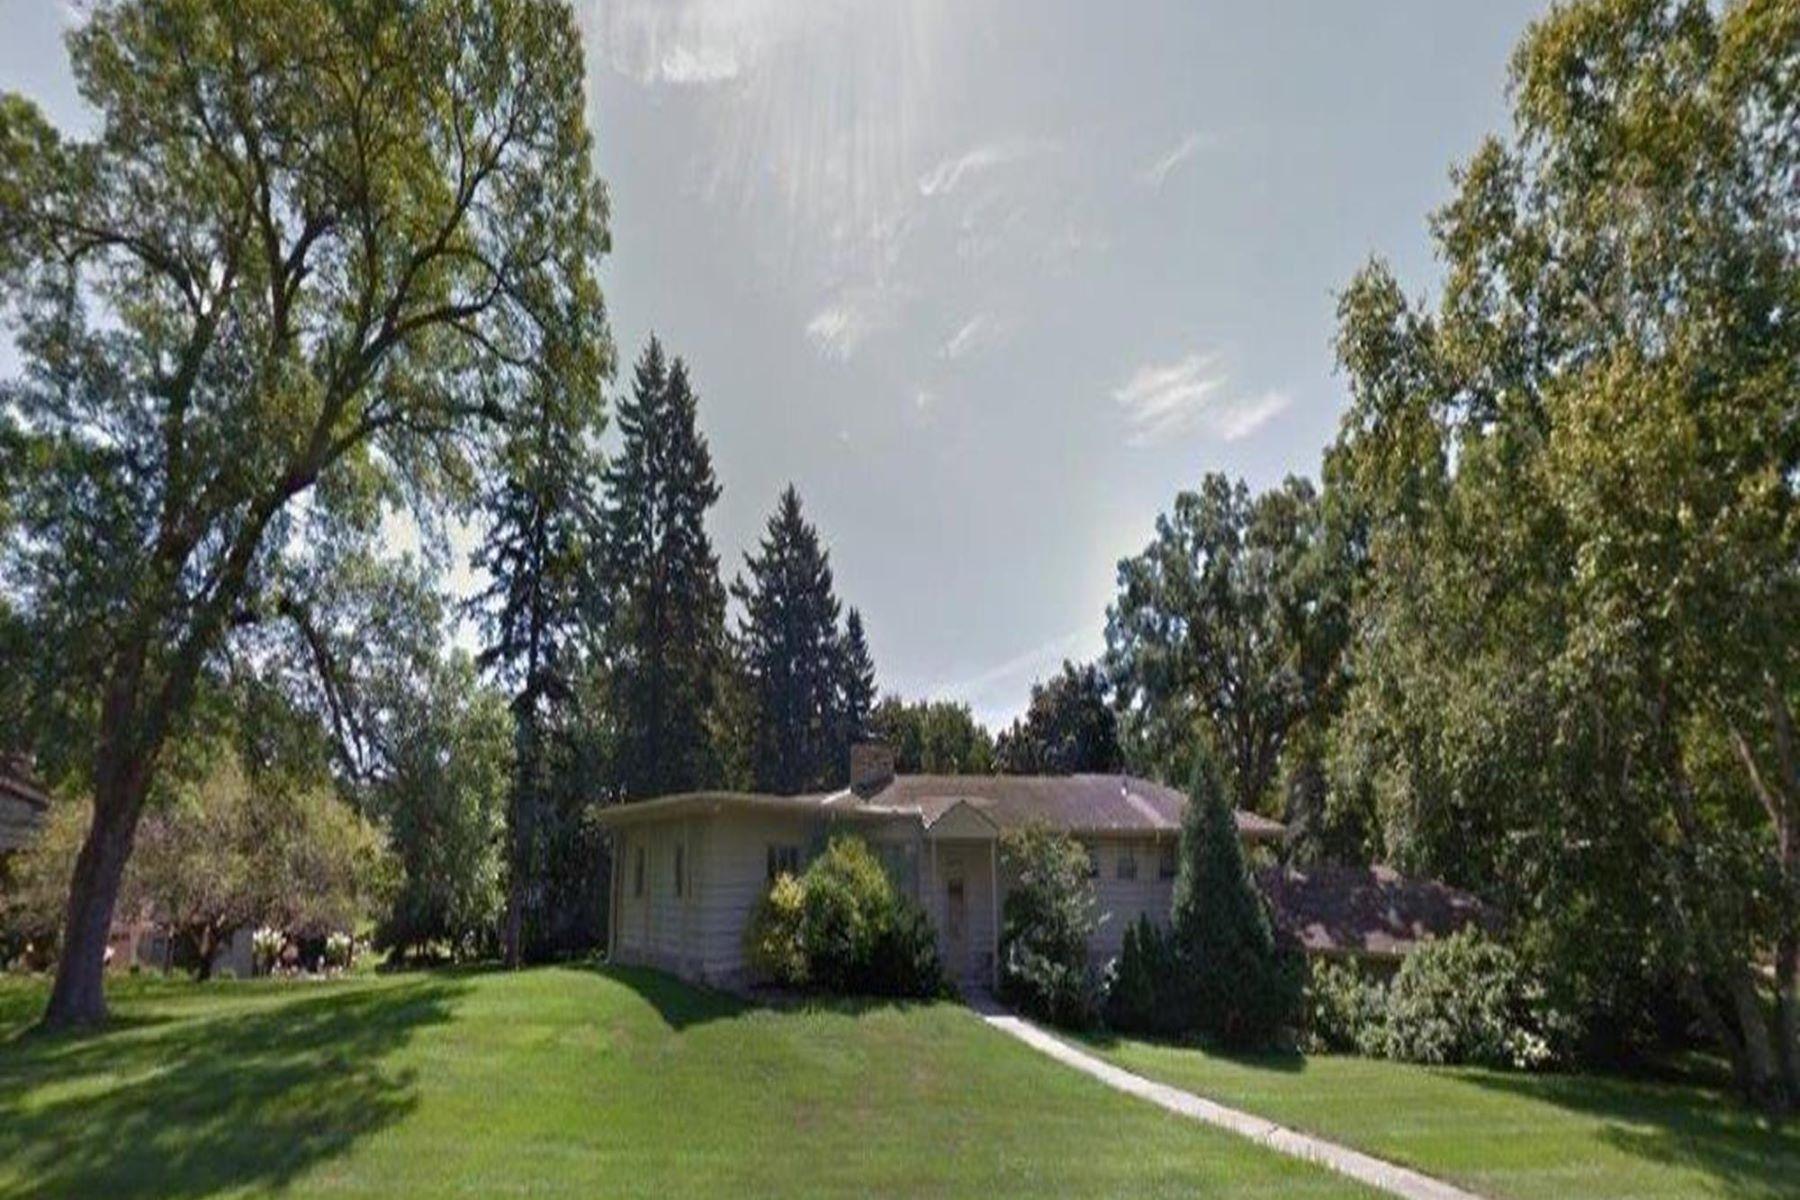 Частный односемейный дом для того Продажа на 4805 Woodhill Way Edina, Миннесота, 55424 Соединенные Штаты